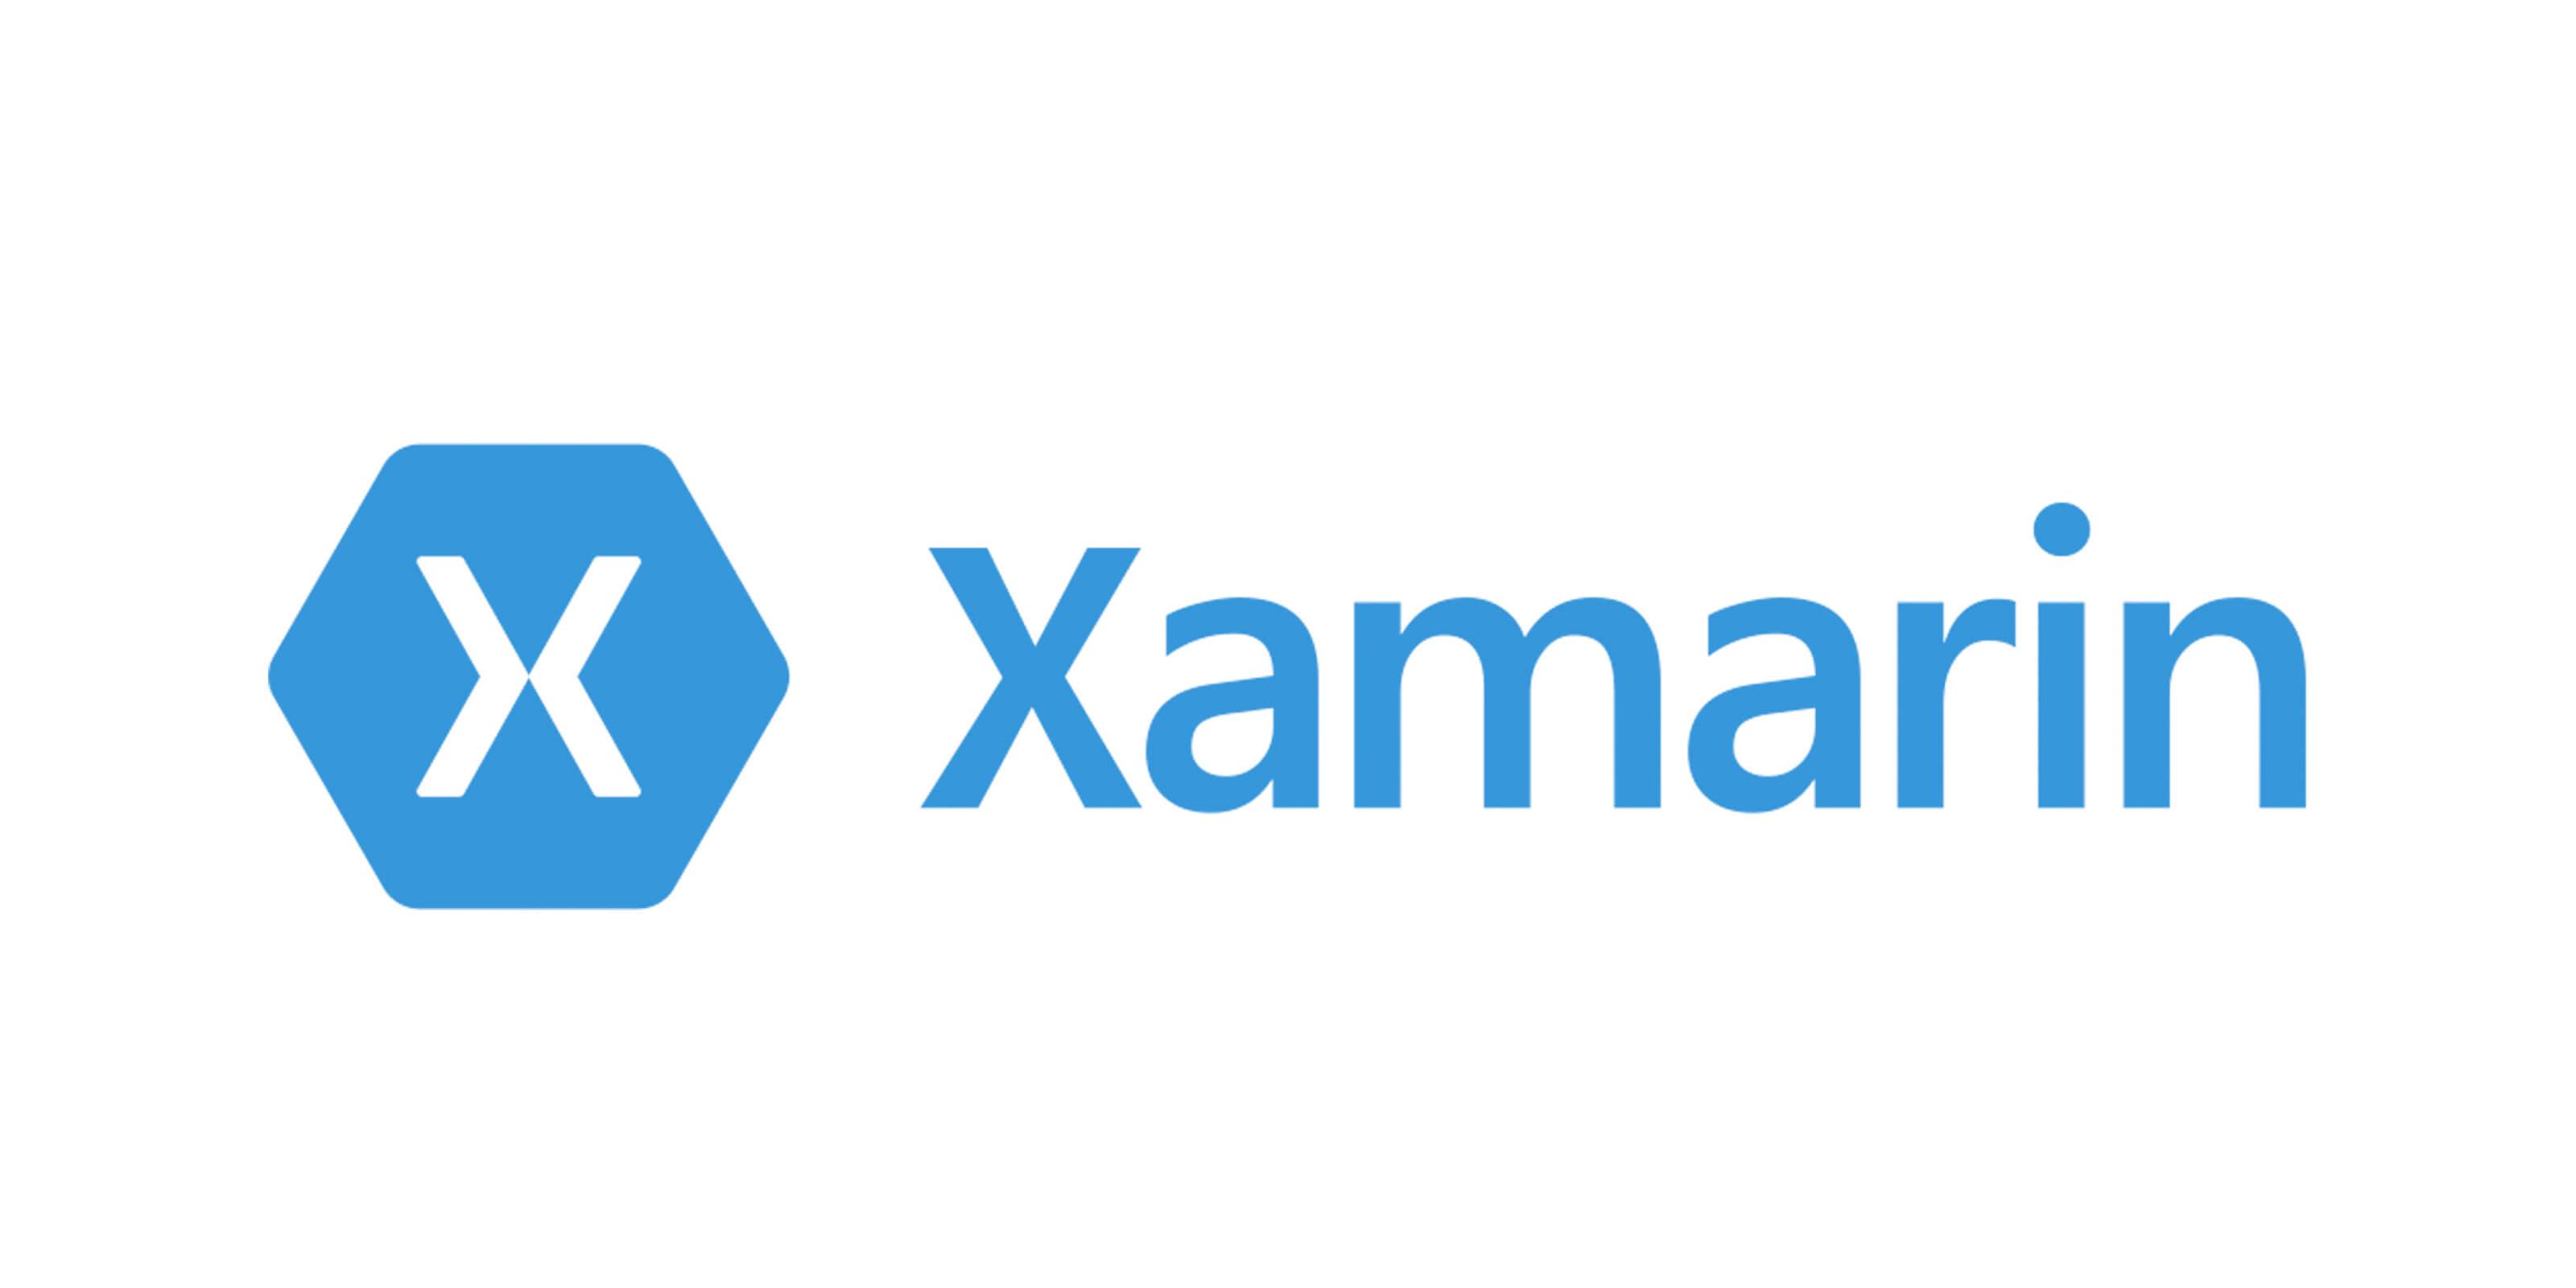 Full Xamarin logo